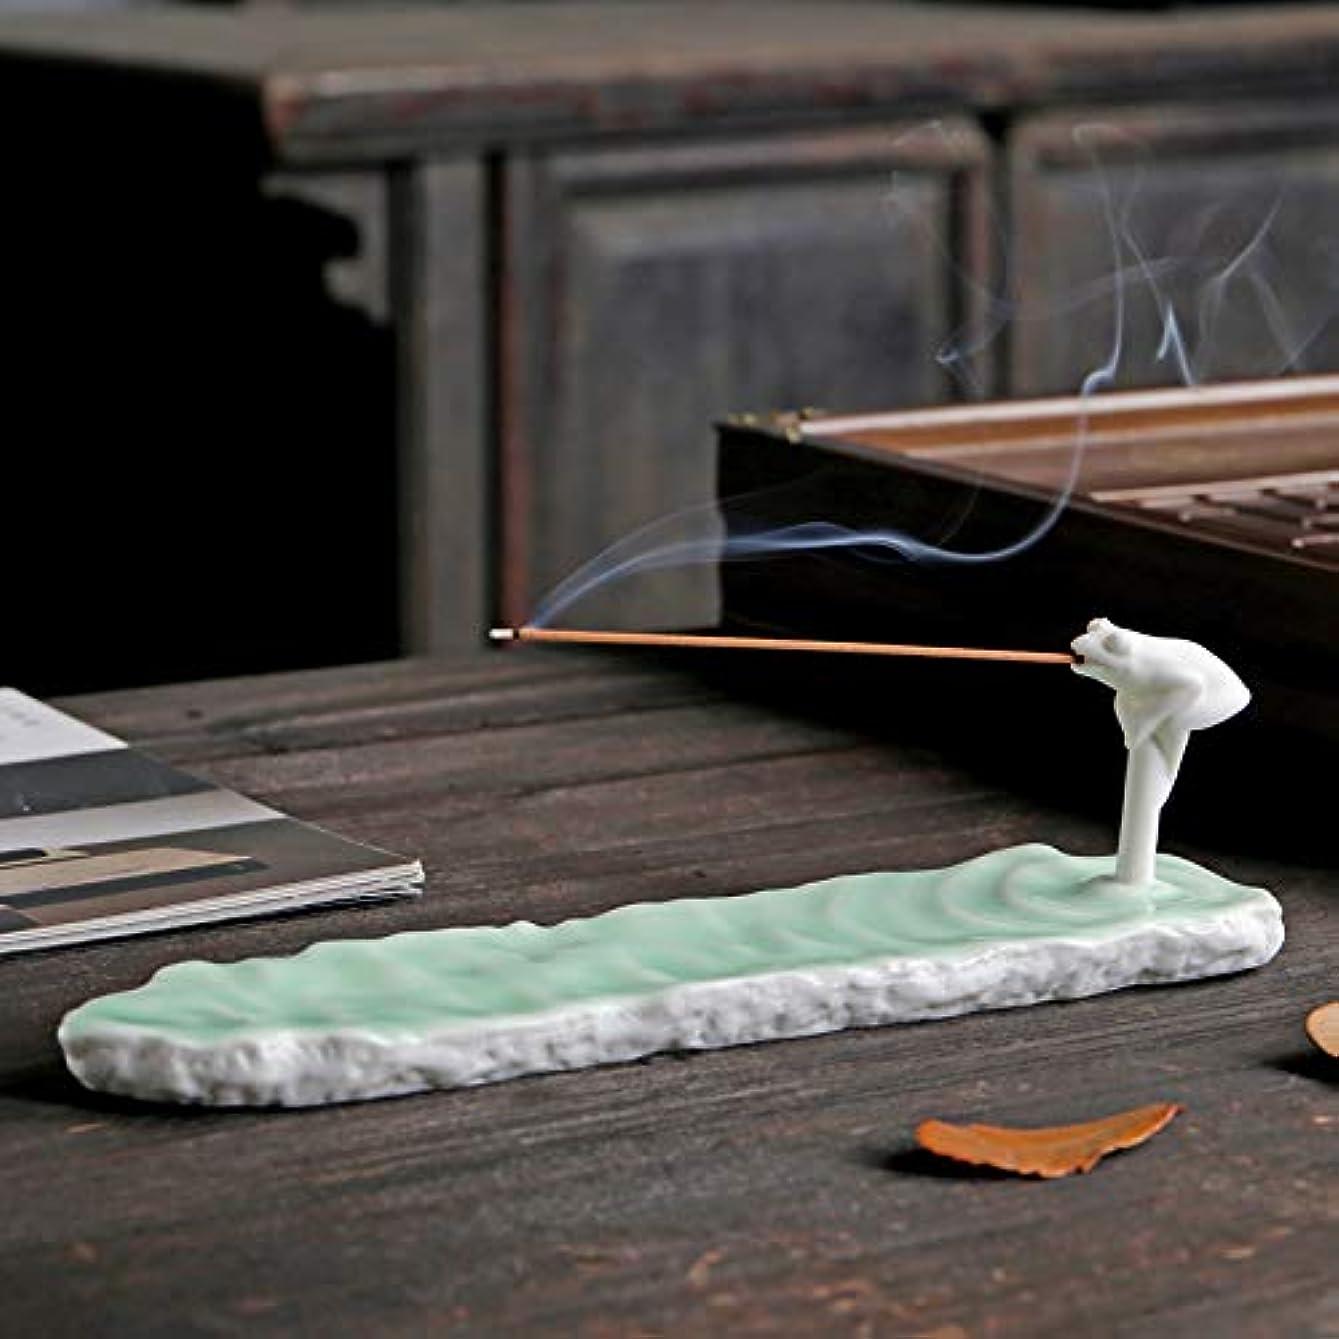 重要な役割を果たす、中心的な手段となる石鹸コンテンツPHILOGOD 陶器香炉 手作り創造的なカエルの形 仏壇用 線香立て 香皿 (Green)